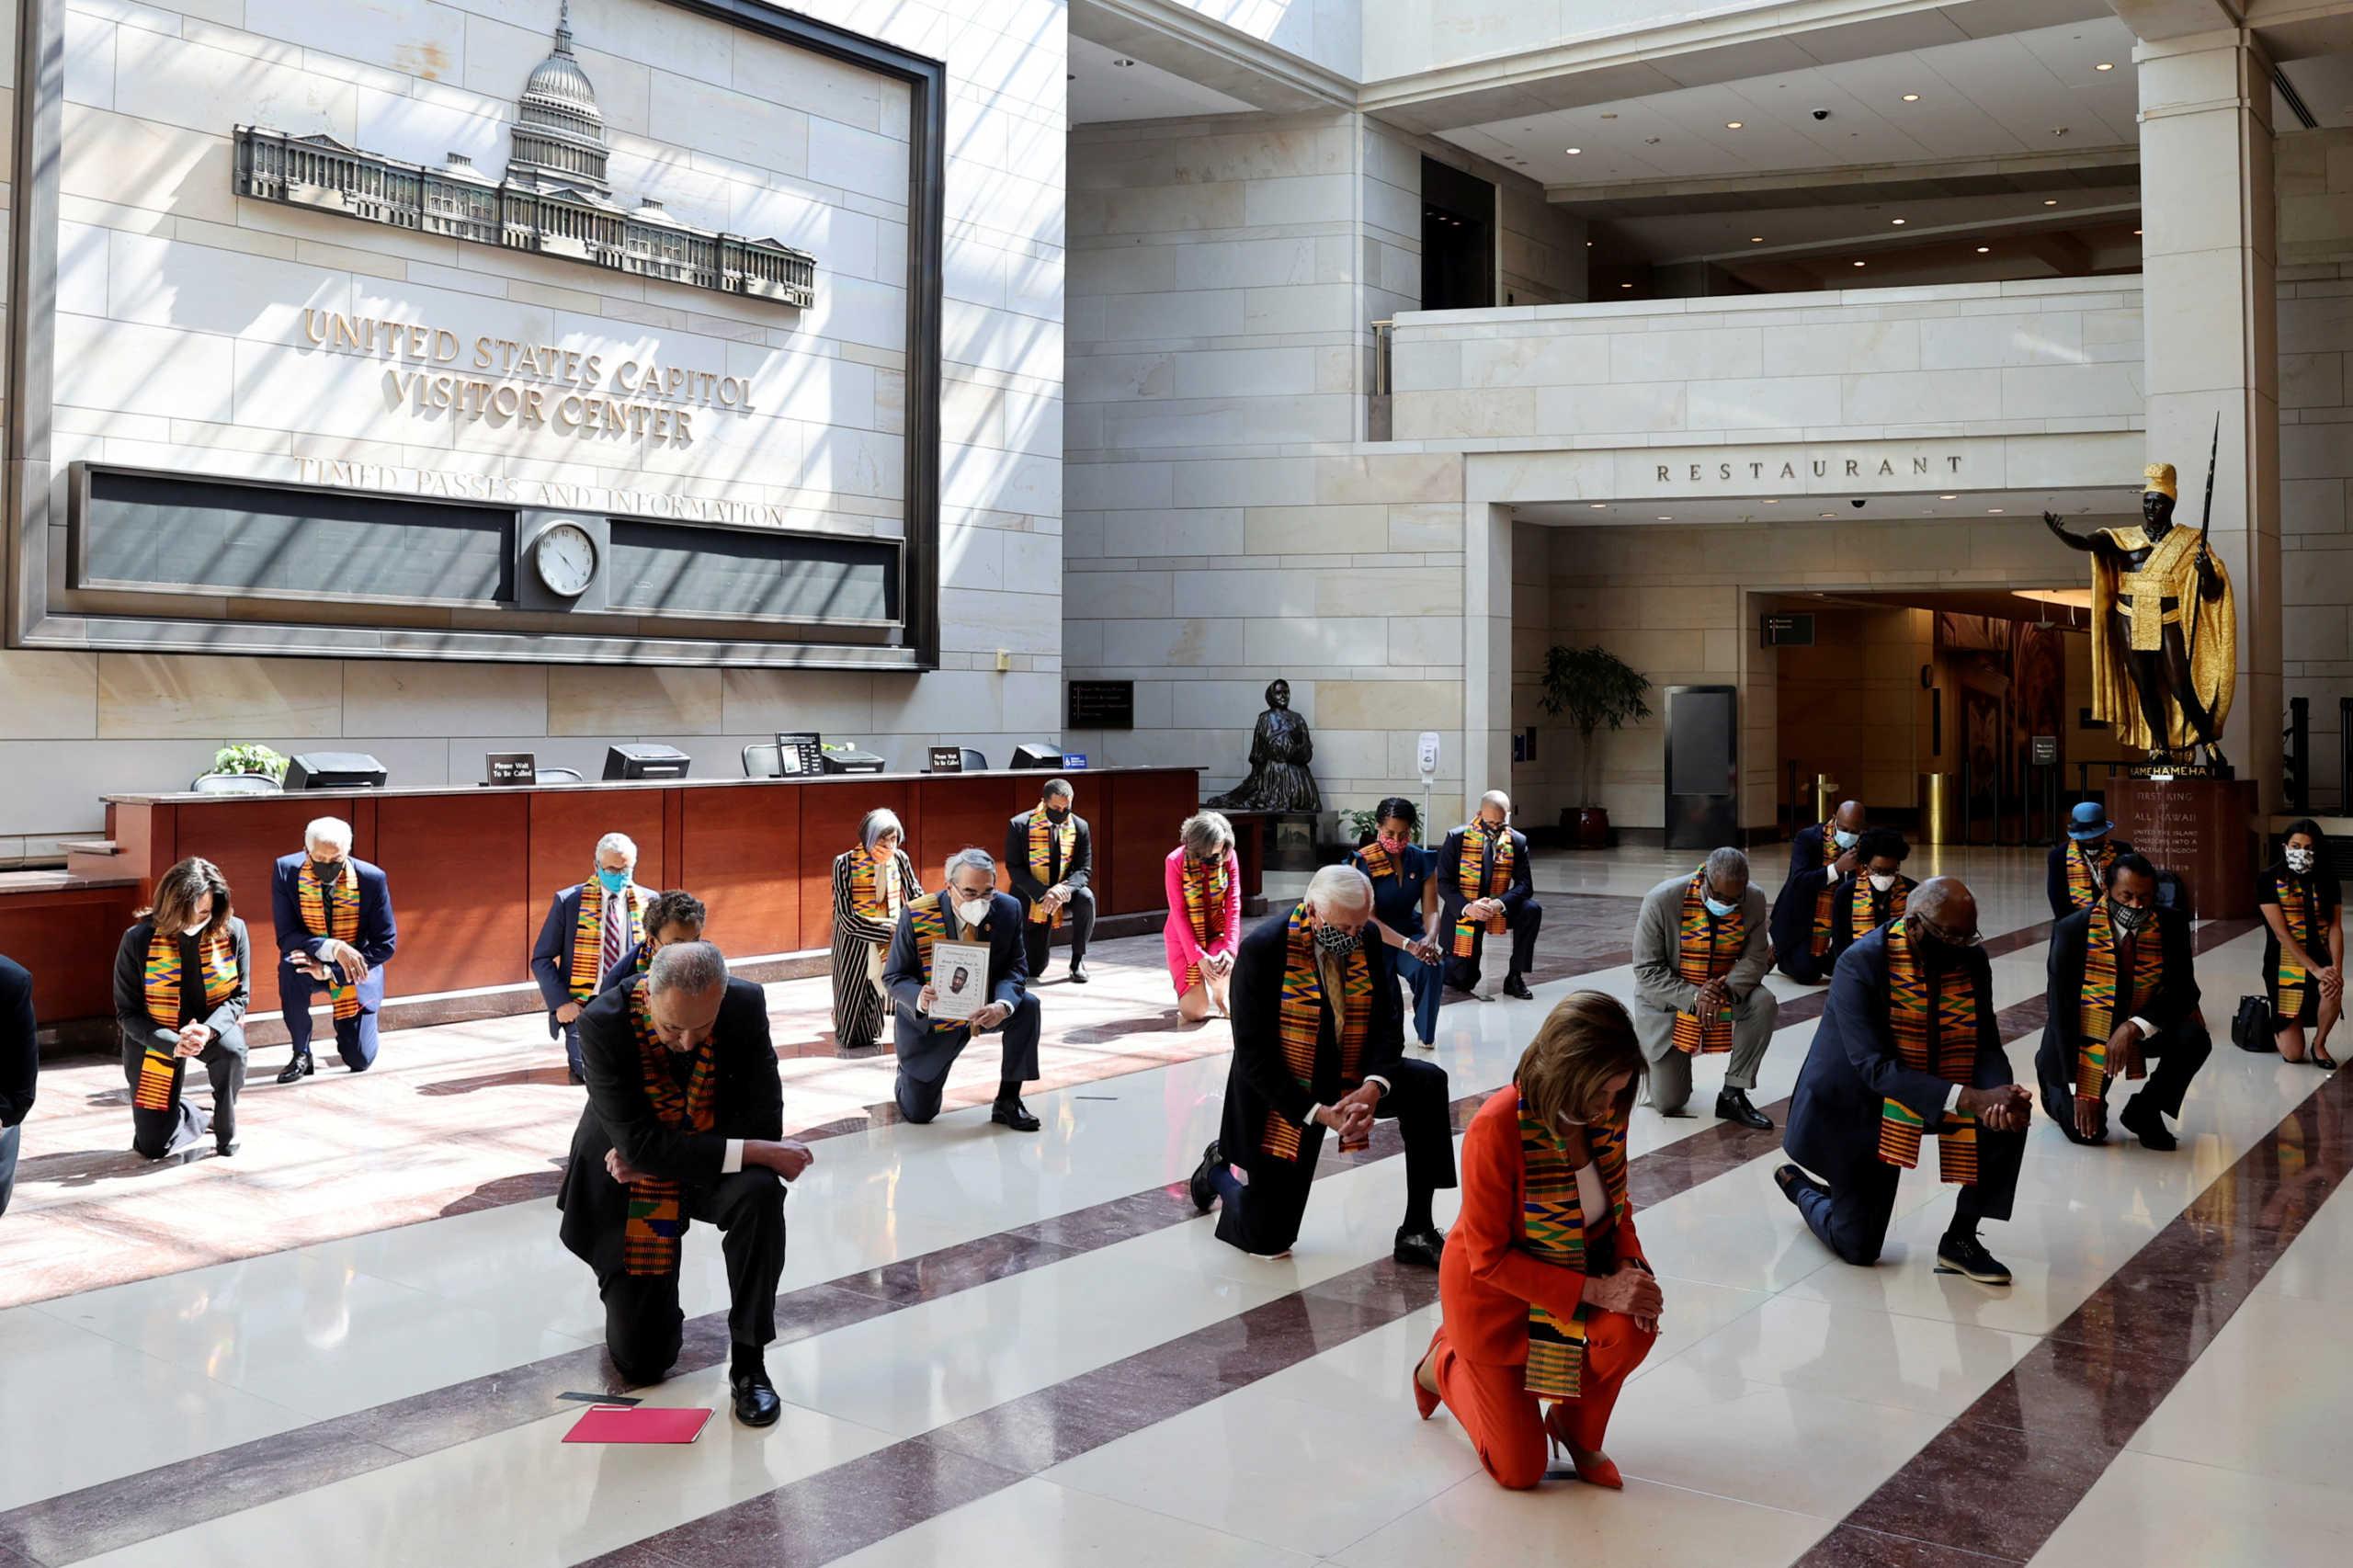 Ανατριχίλα στο Αμερικανικό Κογκρέσο – Γονατιστοί για 8 λεπτά και 46 δευτερόλεπτα οι Δημοκρατικοί στη μνήμη Φλόιντ